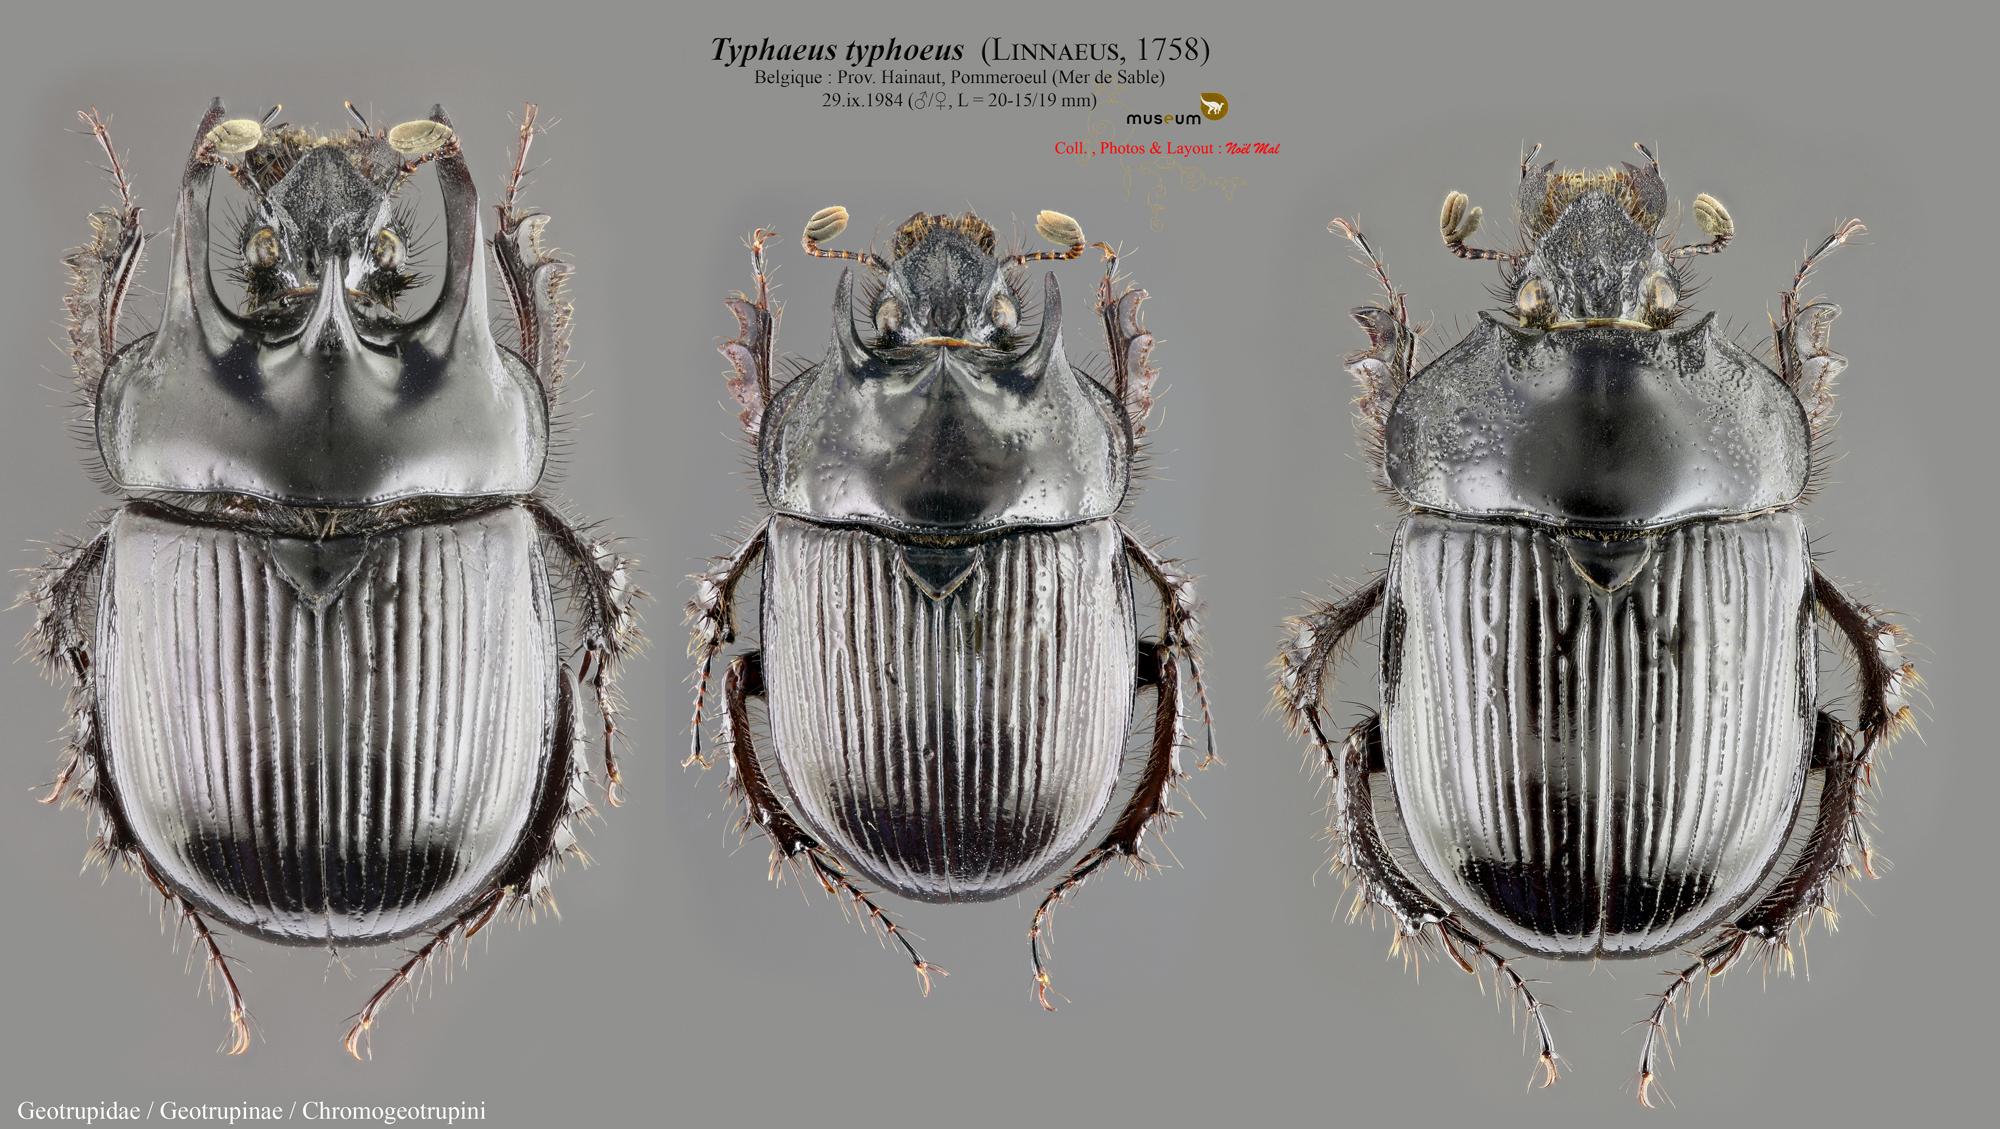 Typhaeus typhoeus.jpg